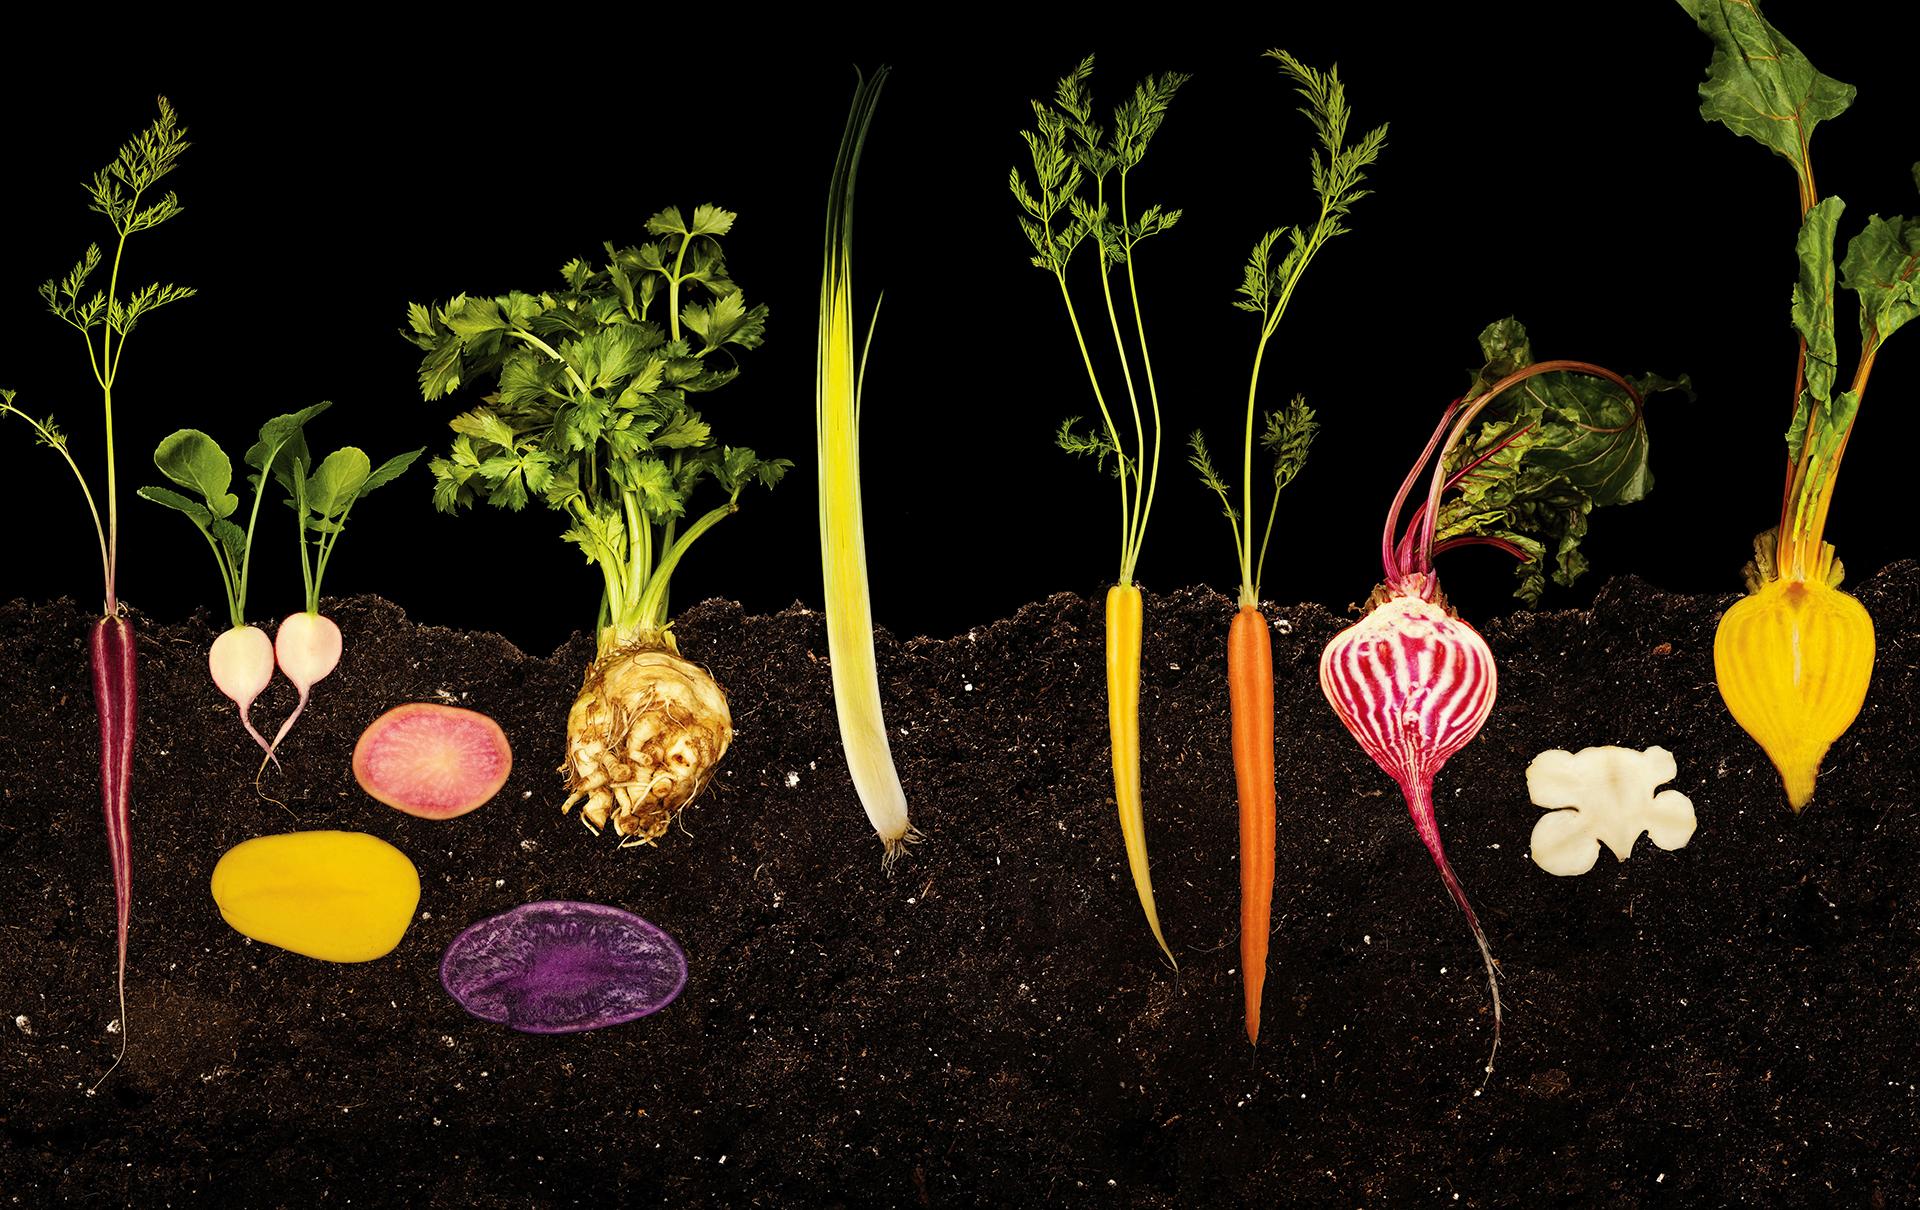 Die Zukunft: Kraut und Rüben © Ryan Matthew Smith/Modernist Cuisine, LLC